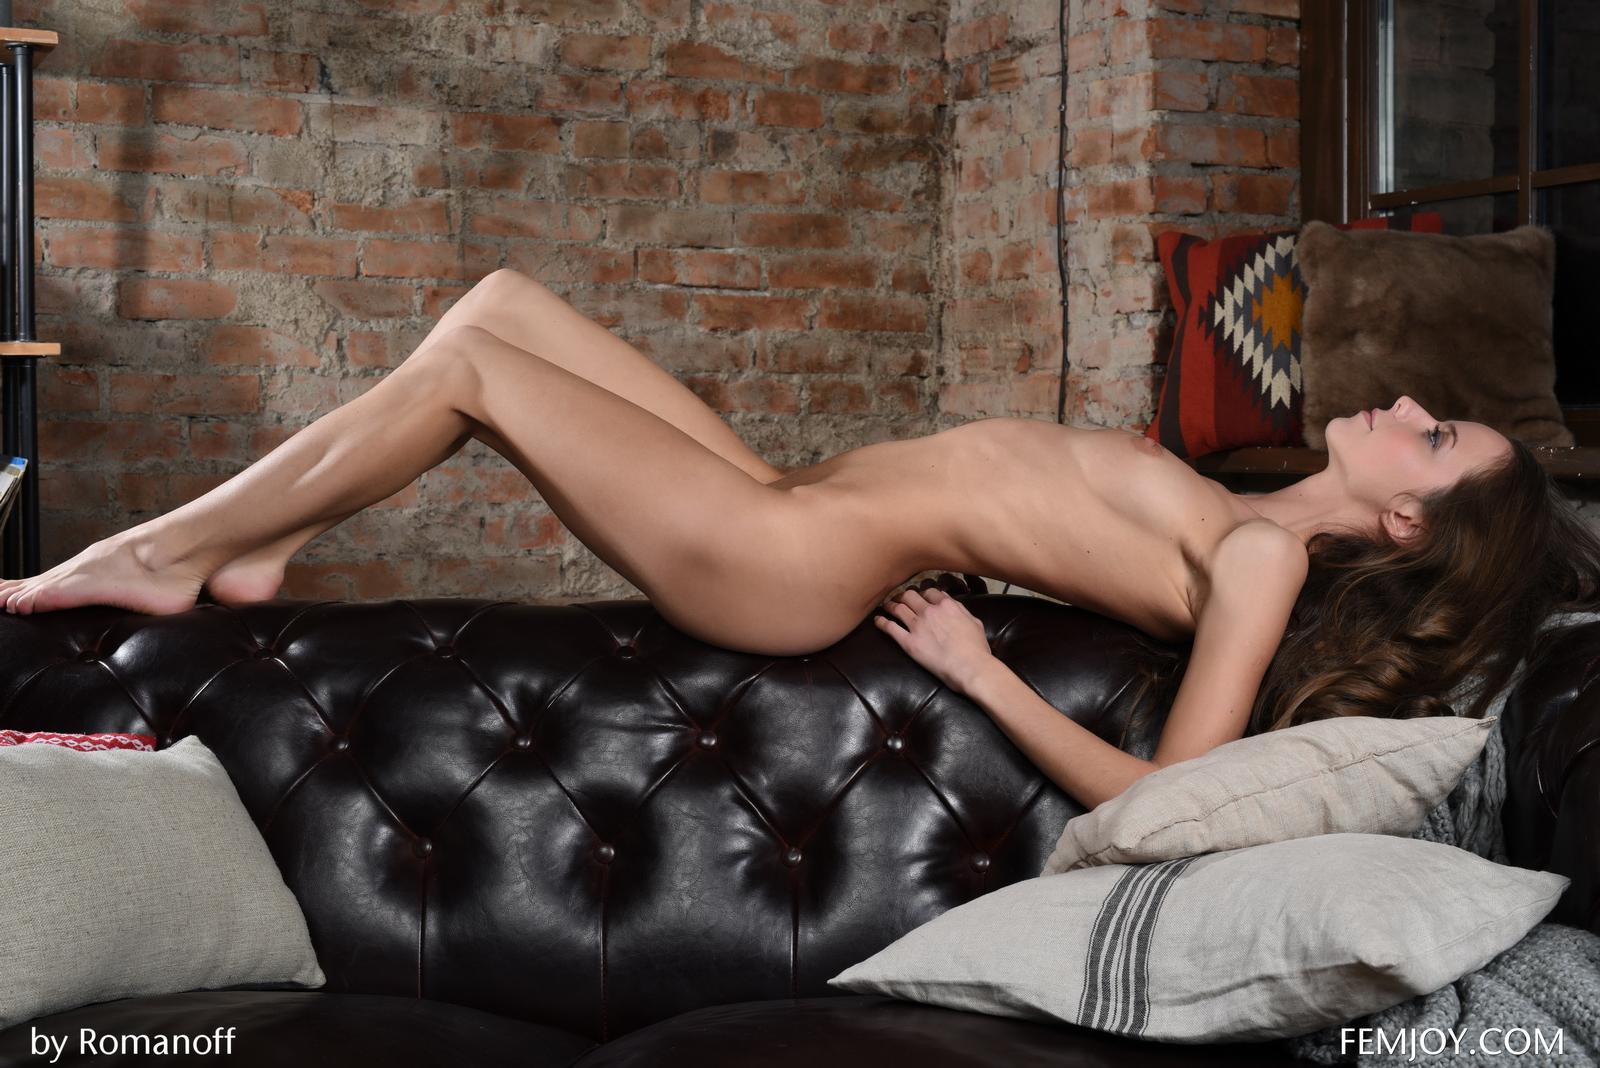 lili-z-skinny-nude-leather-sofa-femjoy-22